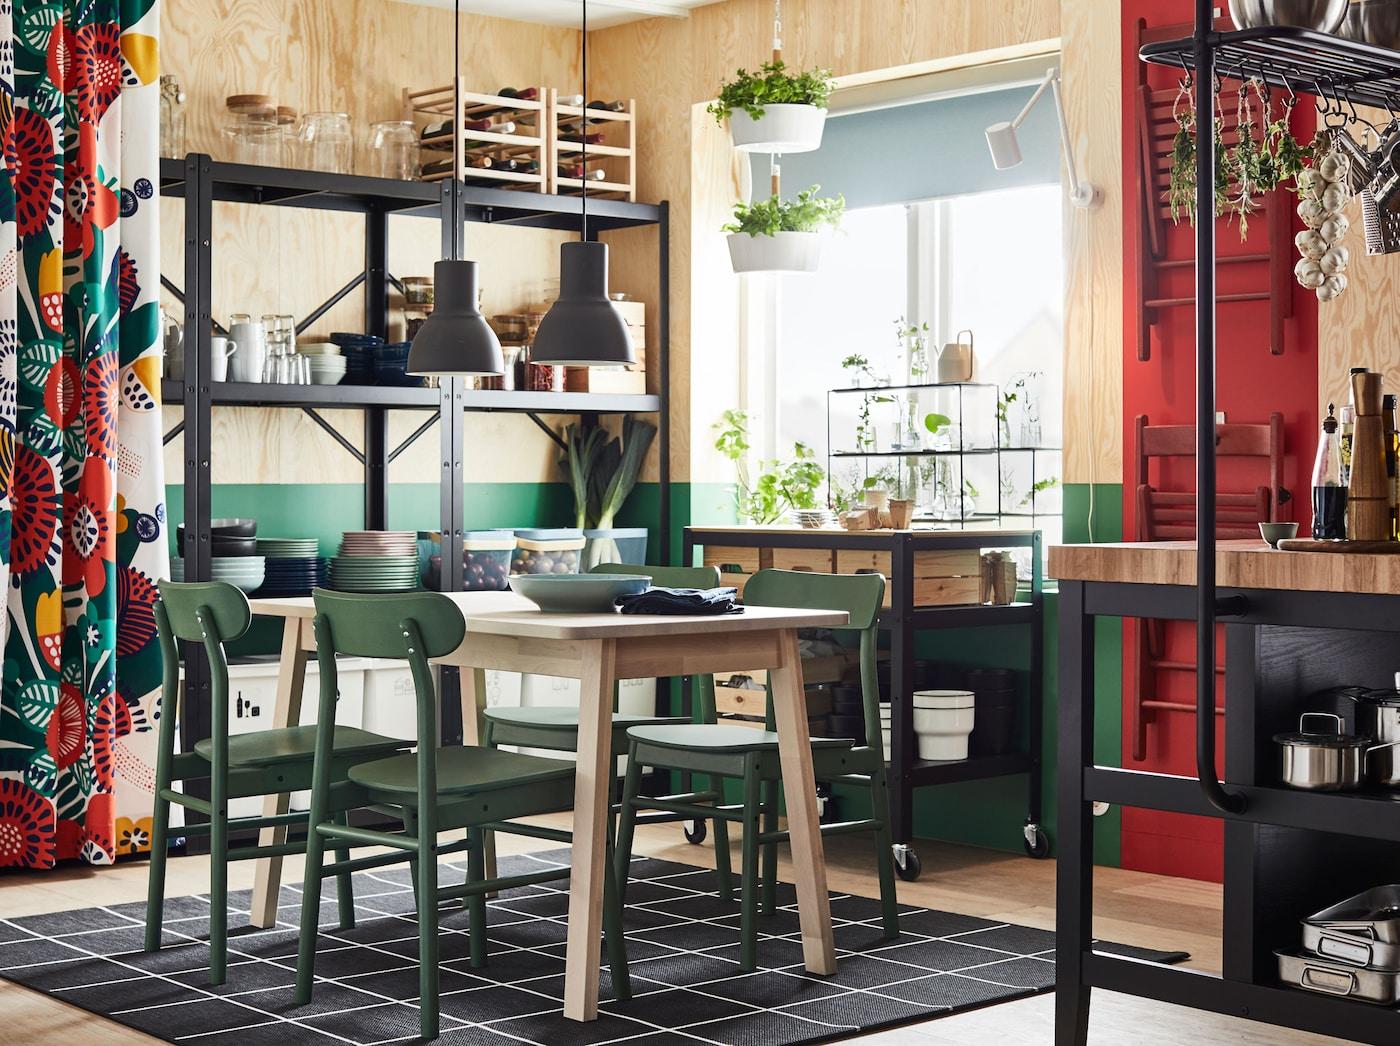 Desfrute deste espaço de refeição florido e sustentável, finalizado com os cortinados coloridos IRMELIN com padrão florido, a ilha de cozinha TORHAMN e a mesa de refeição NORRÅKER, em bétula maciça, entre outros.